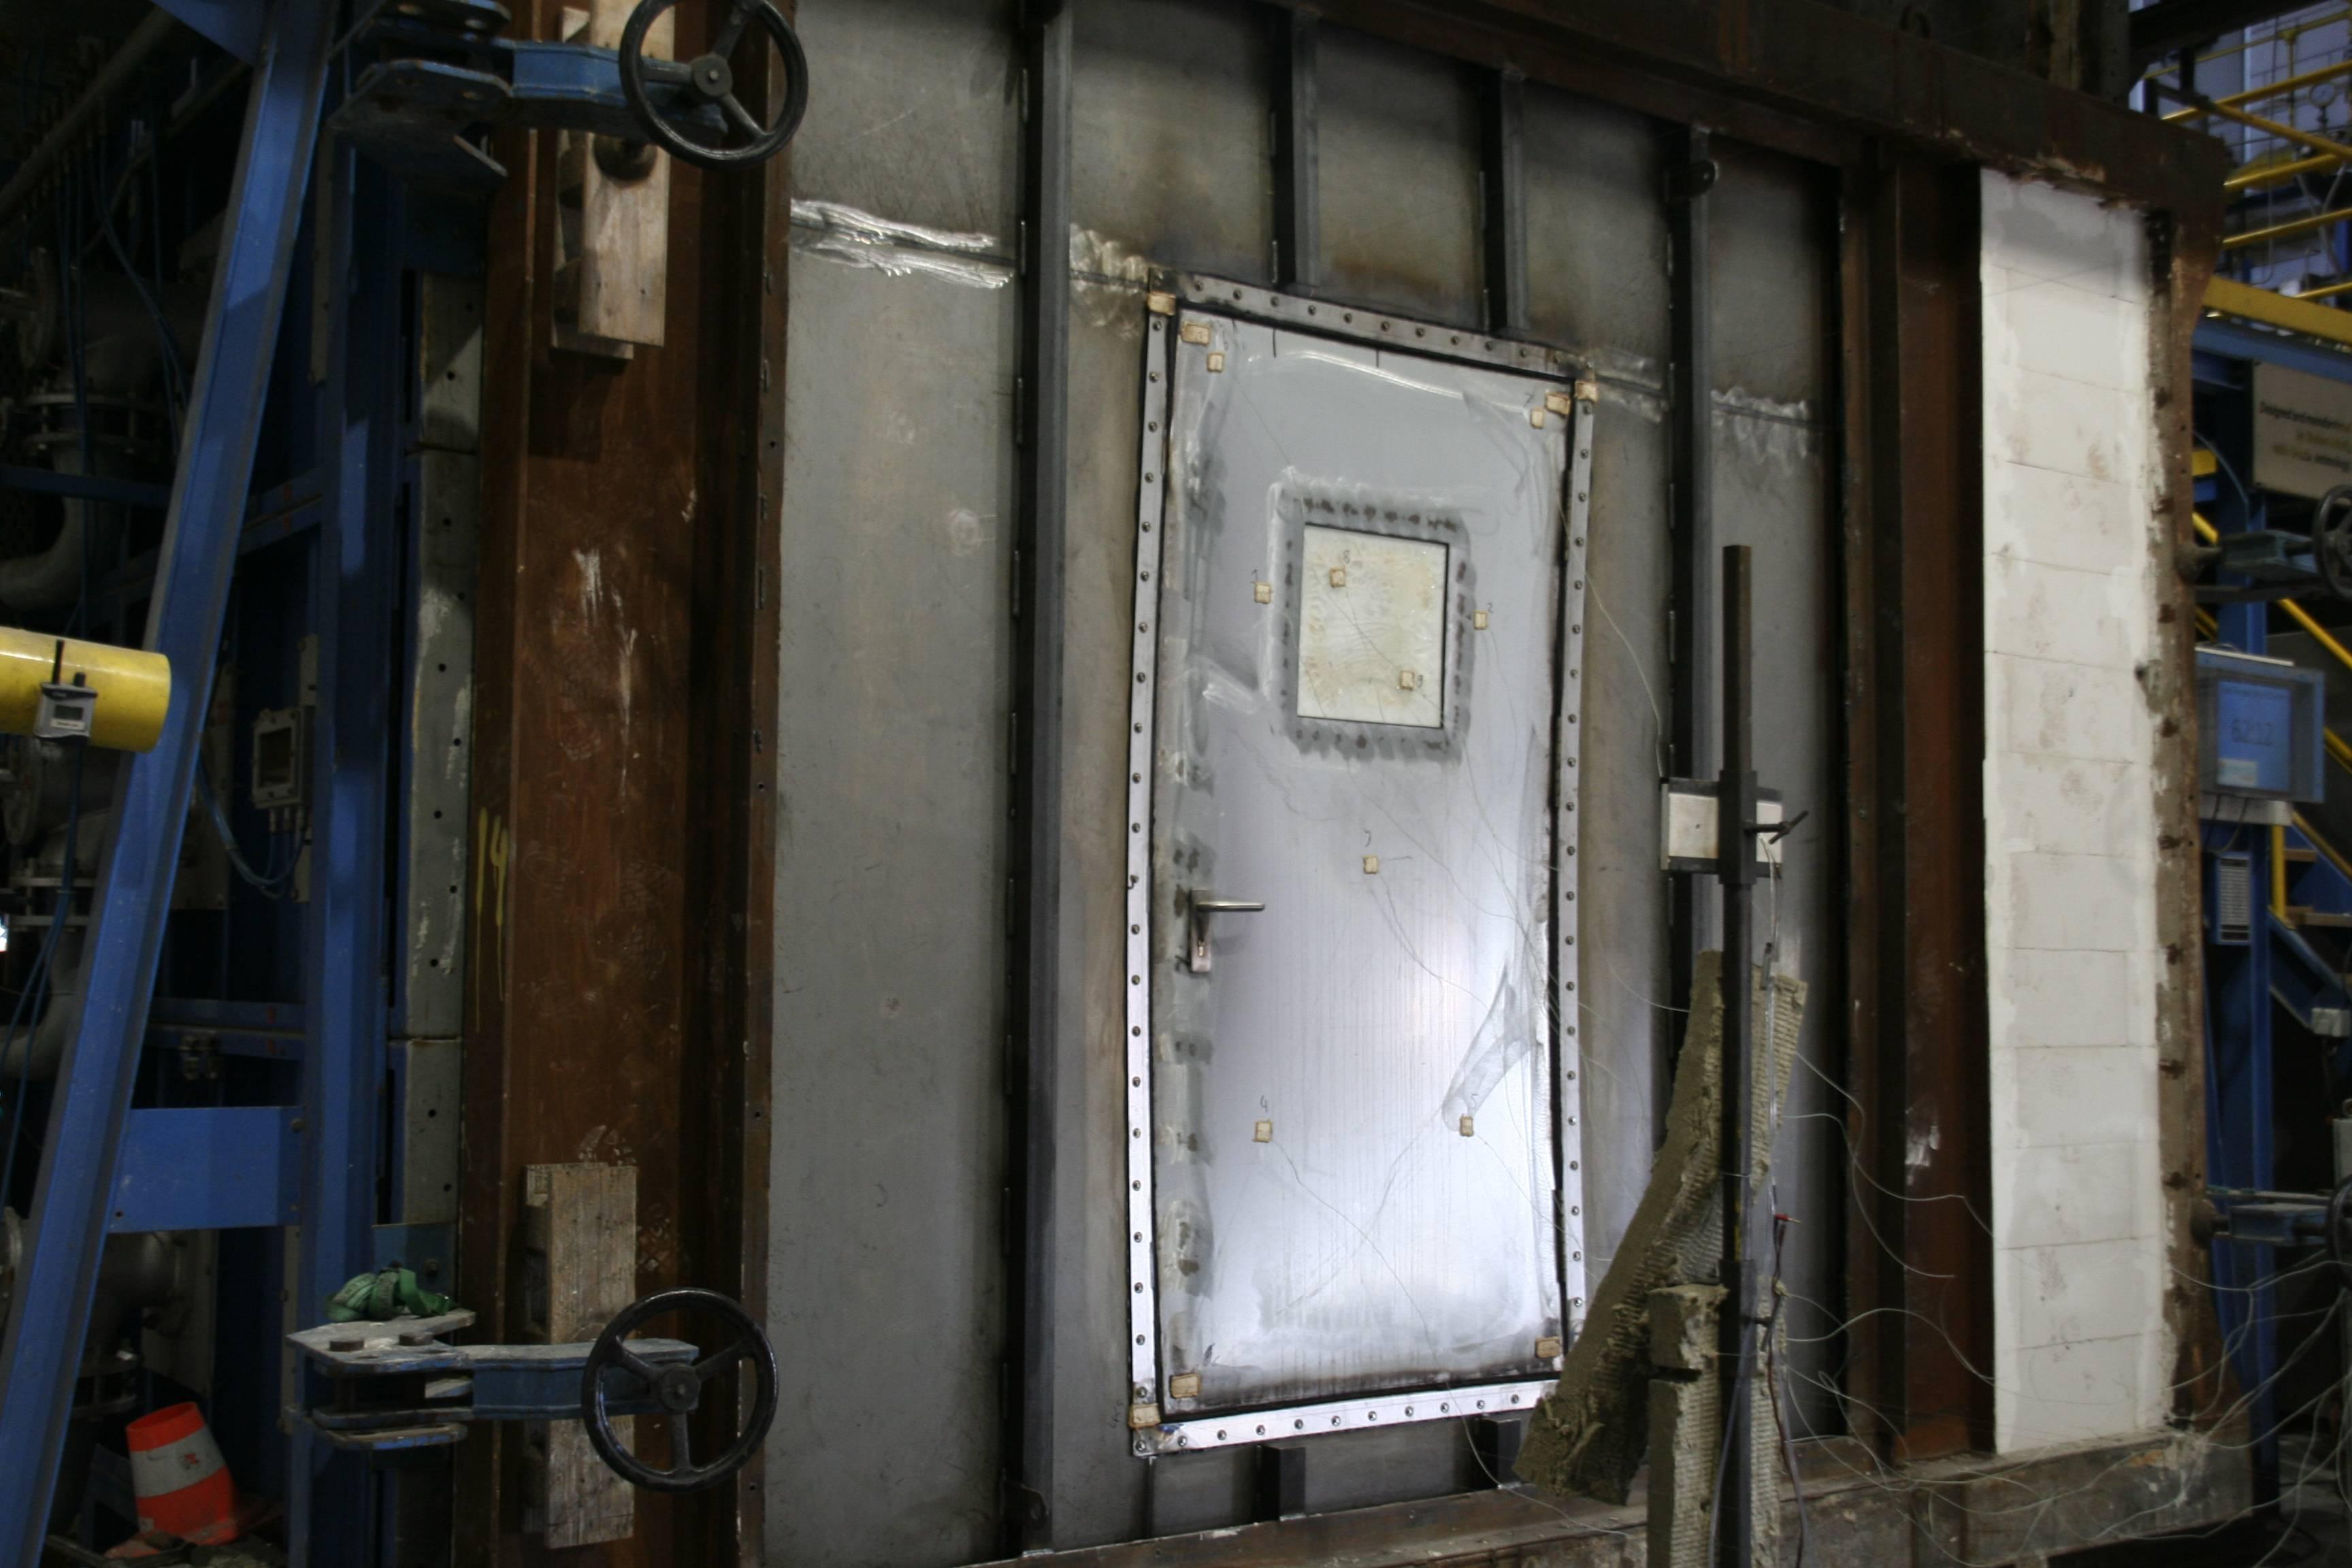 Fire Safety Doors : Interdam conducts door safety test